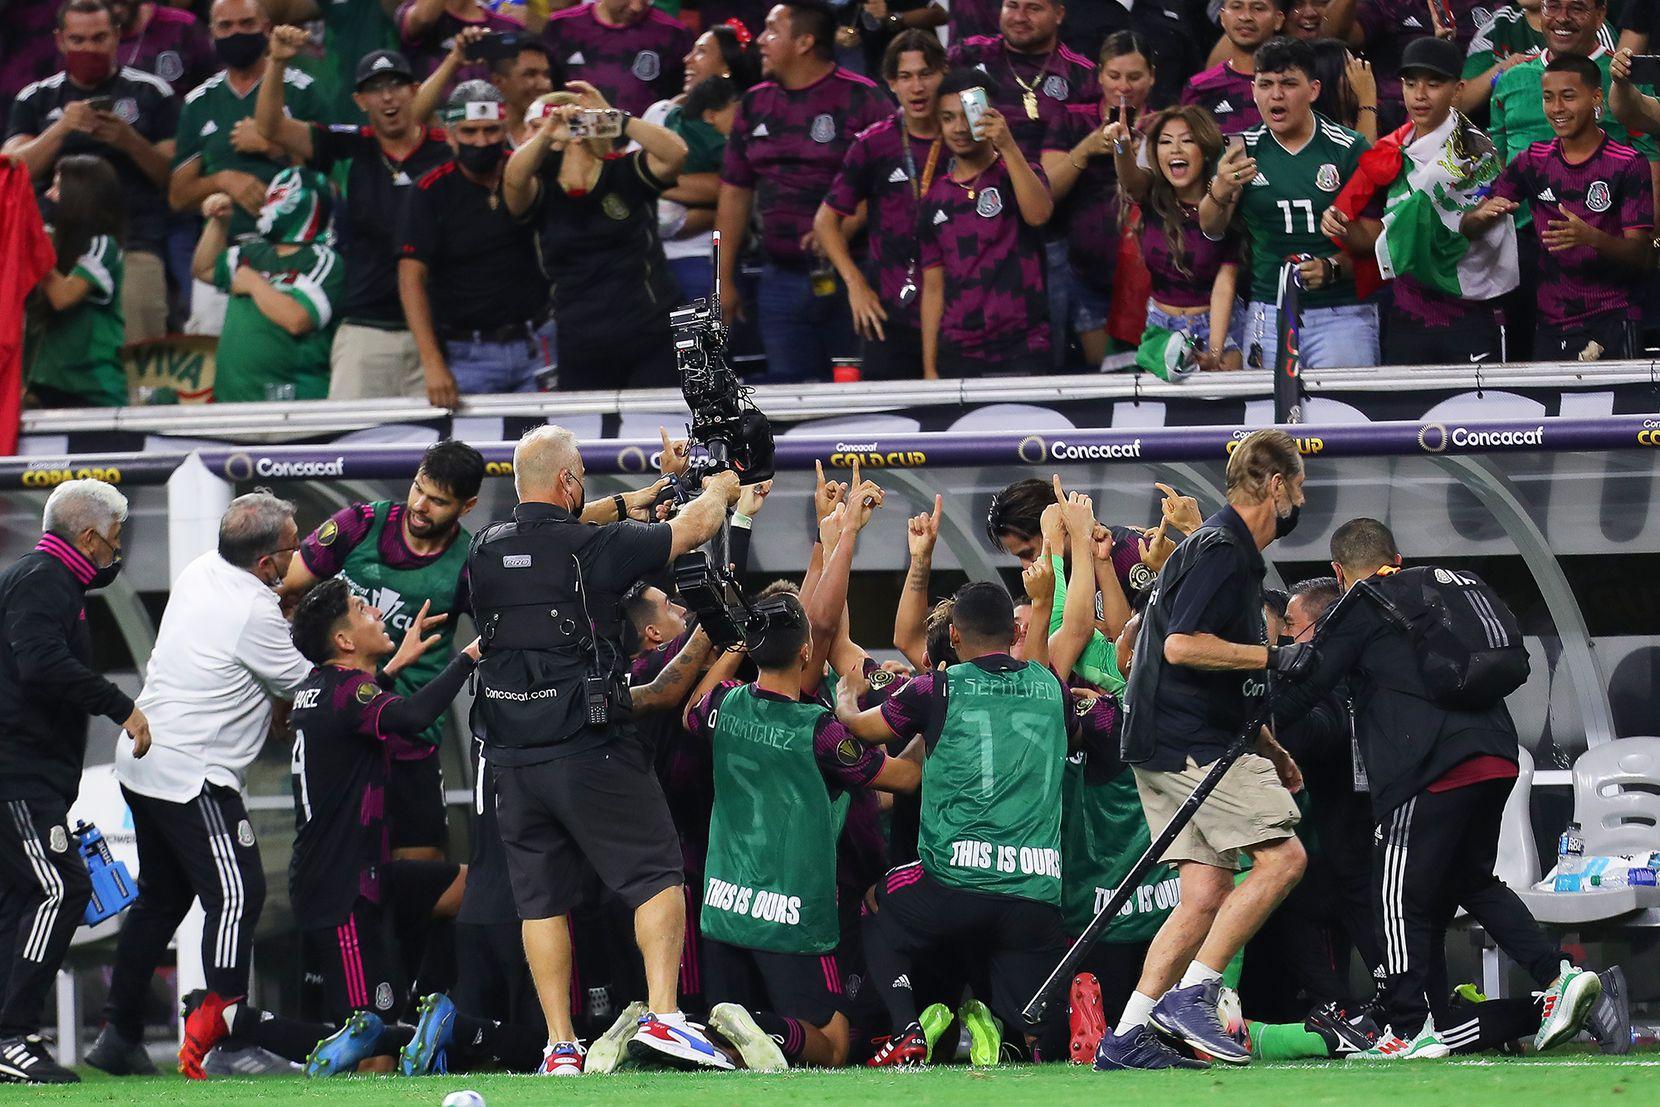 Los jugadores de selección mexicana rodearon a Jonathan dos Santos para celebrar el gol del triunfo ante Canadá en la semifinal de la Copa Oro, el 29 de julio de 2021 en el NRG Stadium de Houston. (Foto/Omar Vega)